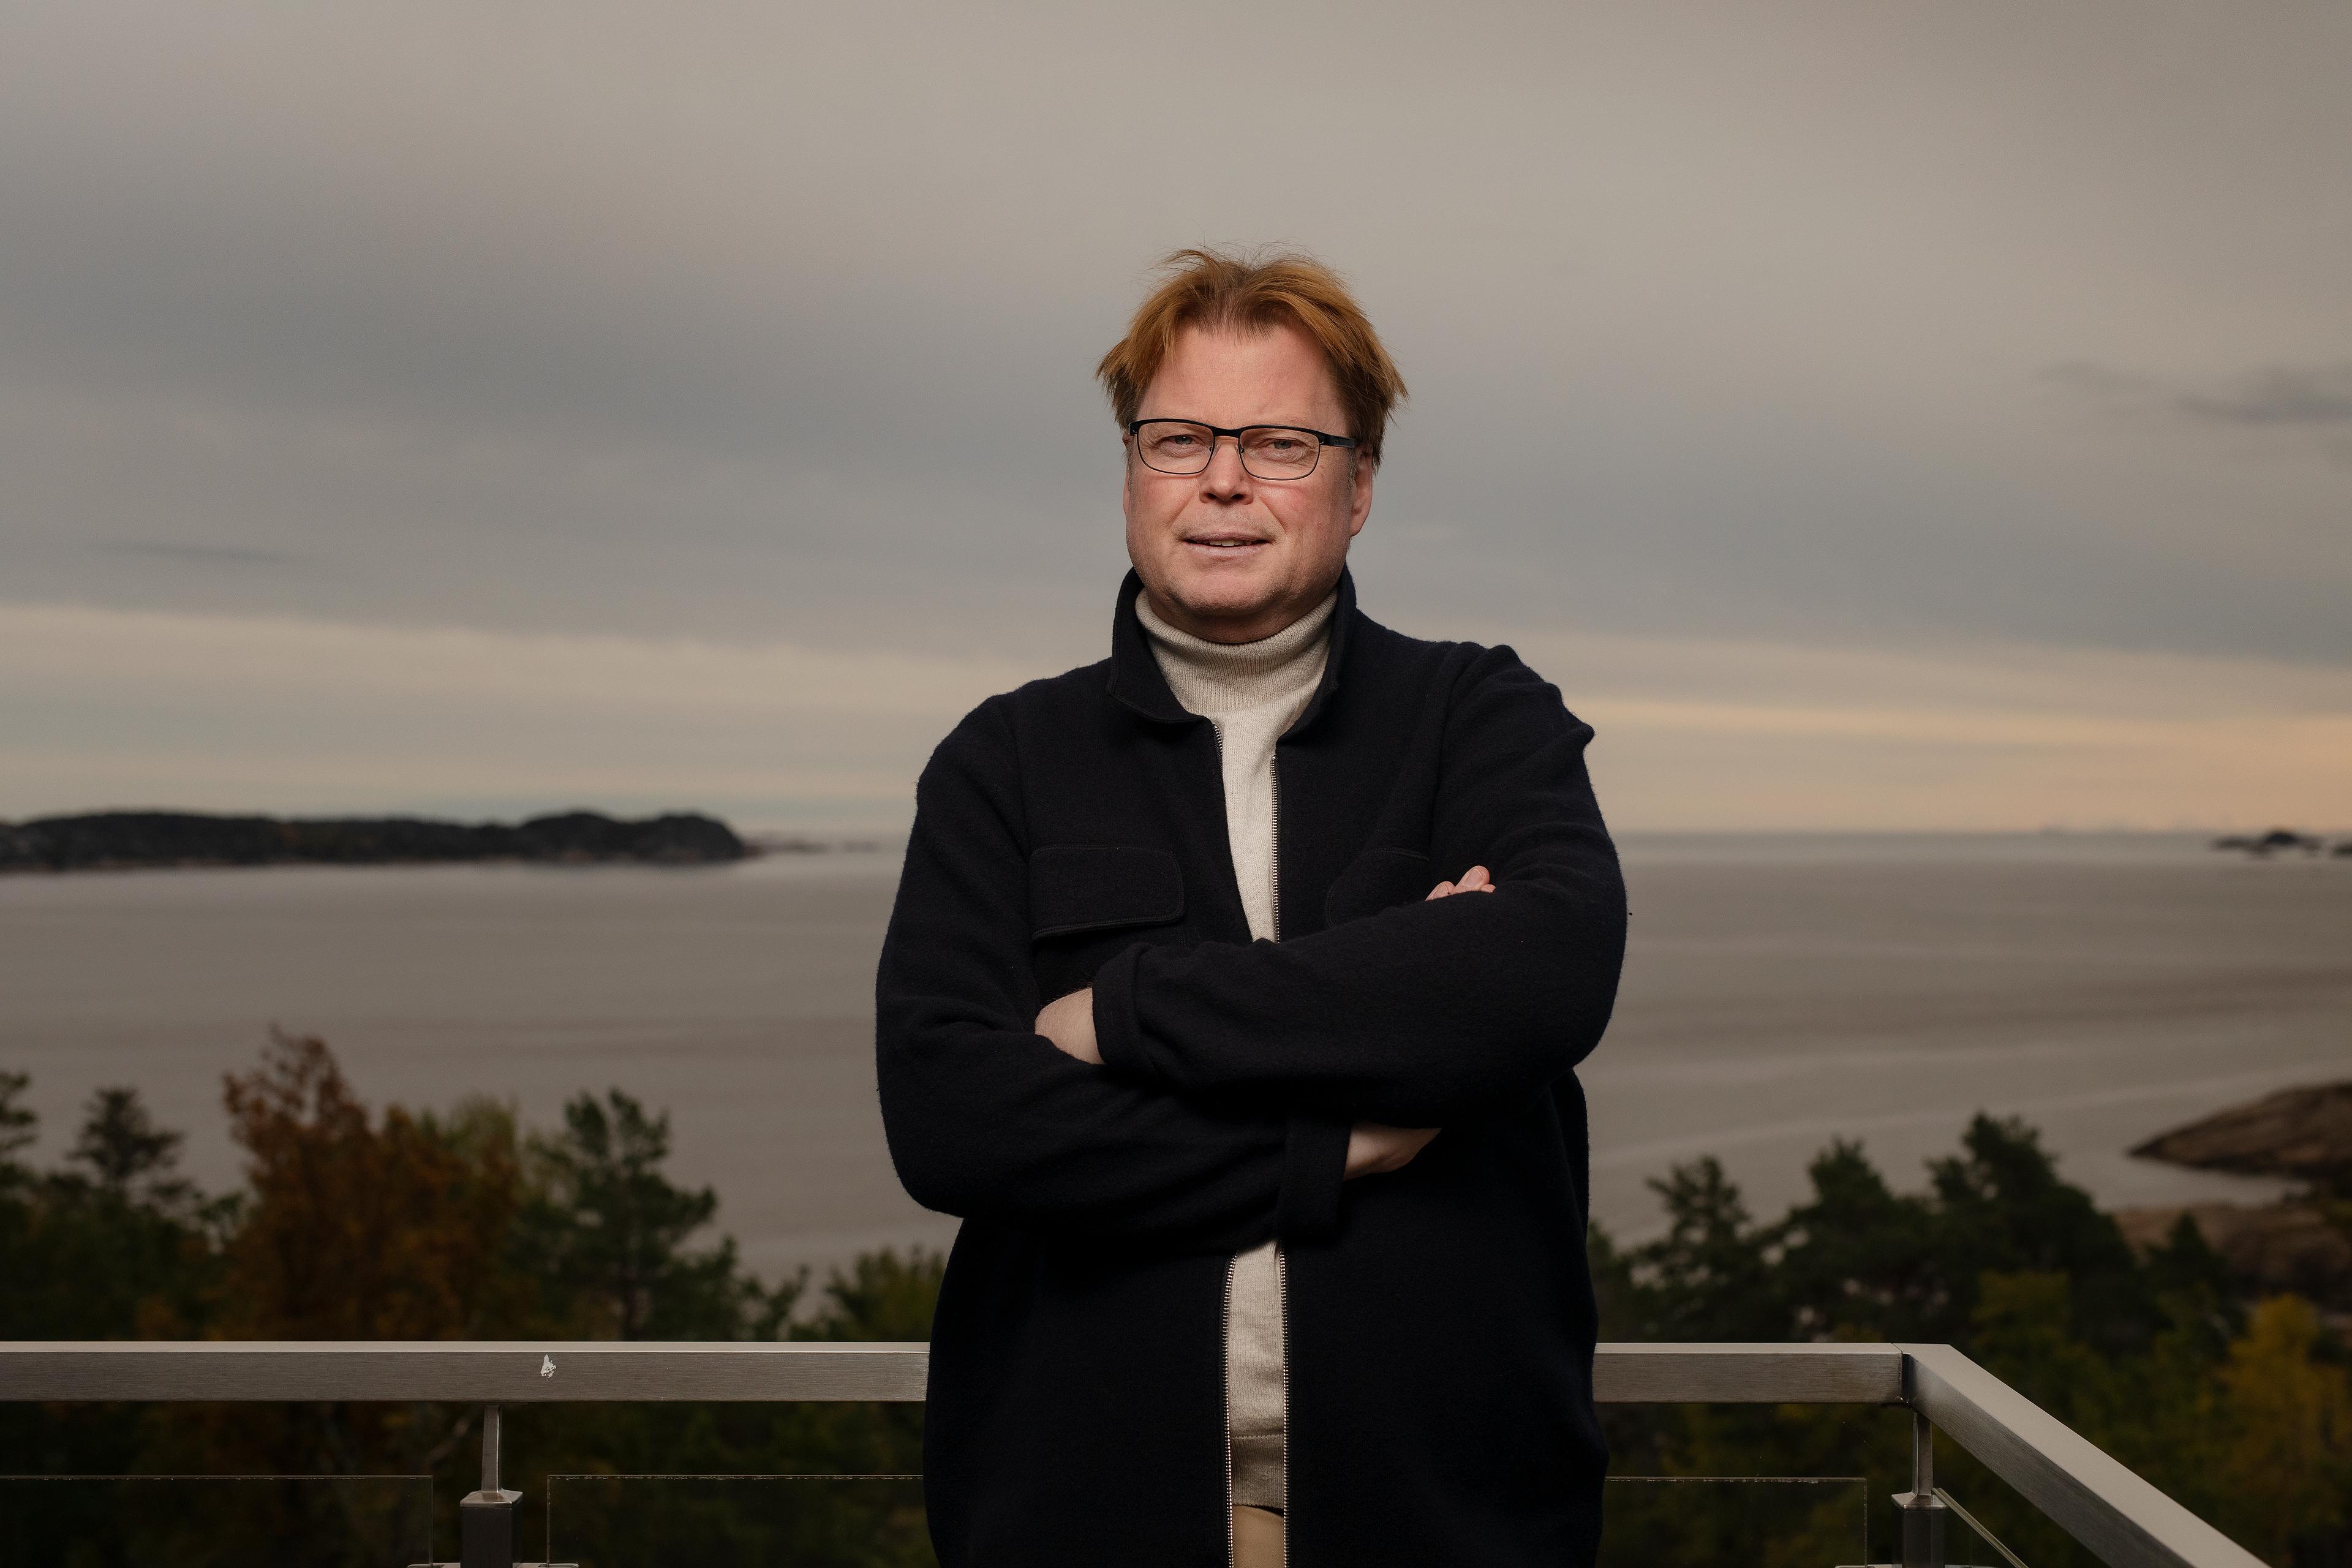 Salgstopp. Høstens roman «Grenseløs» er nummer 16 i rekka om William Wisting. Men det er absolutt ikke første gang Jørn Lier Horst er nummer 1 på salgslistene.- Jeg er bortskjemt med listeplasseringer, men det tok lang tid og mange bøker før jeg kom dit, sier forfatteren.